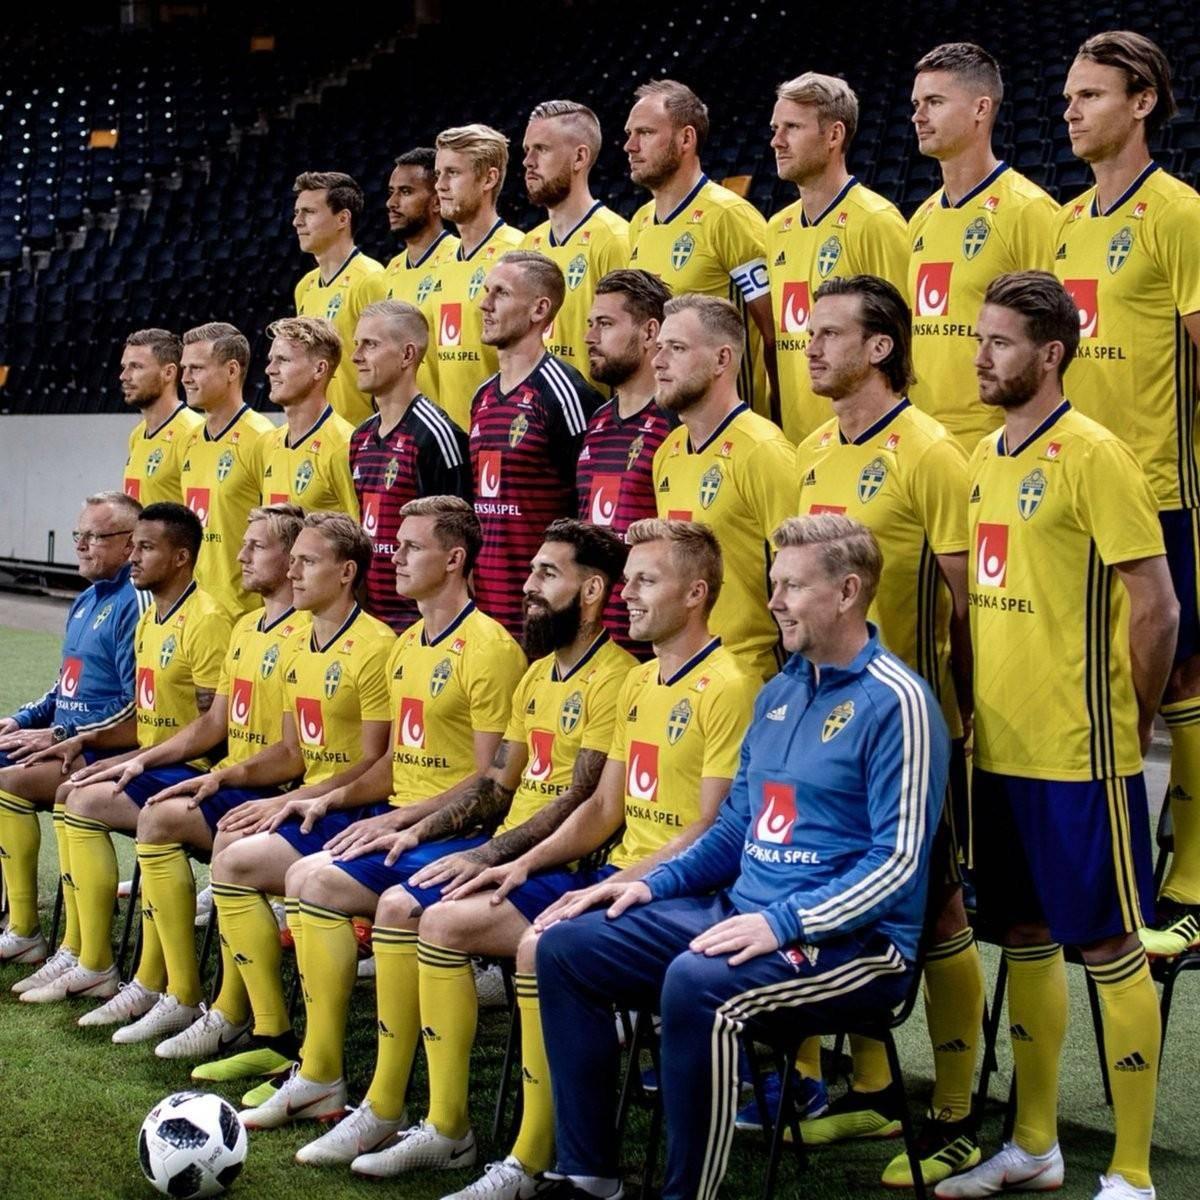 欧洲杯019前瞻:瑞典VS斯洛伐克赛事分析及赛果预测!插图